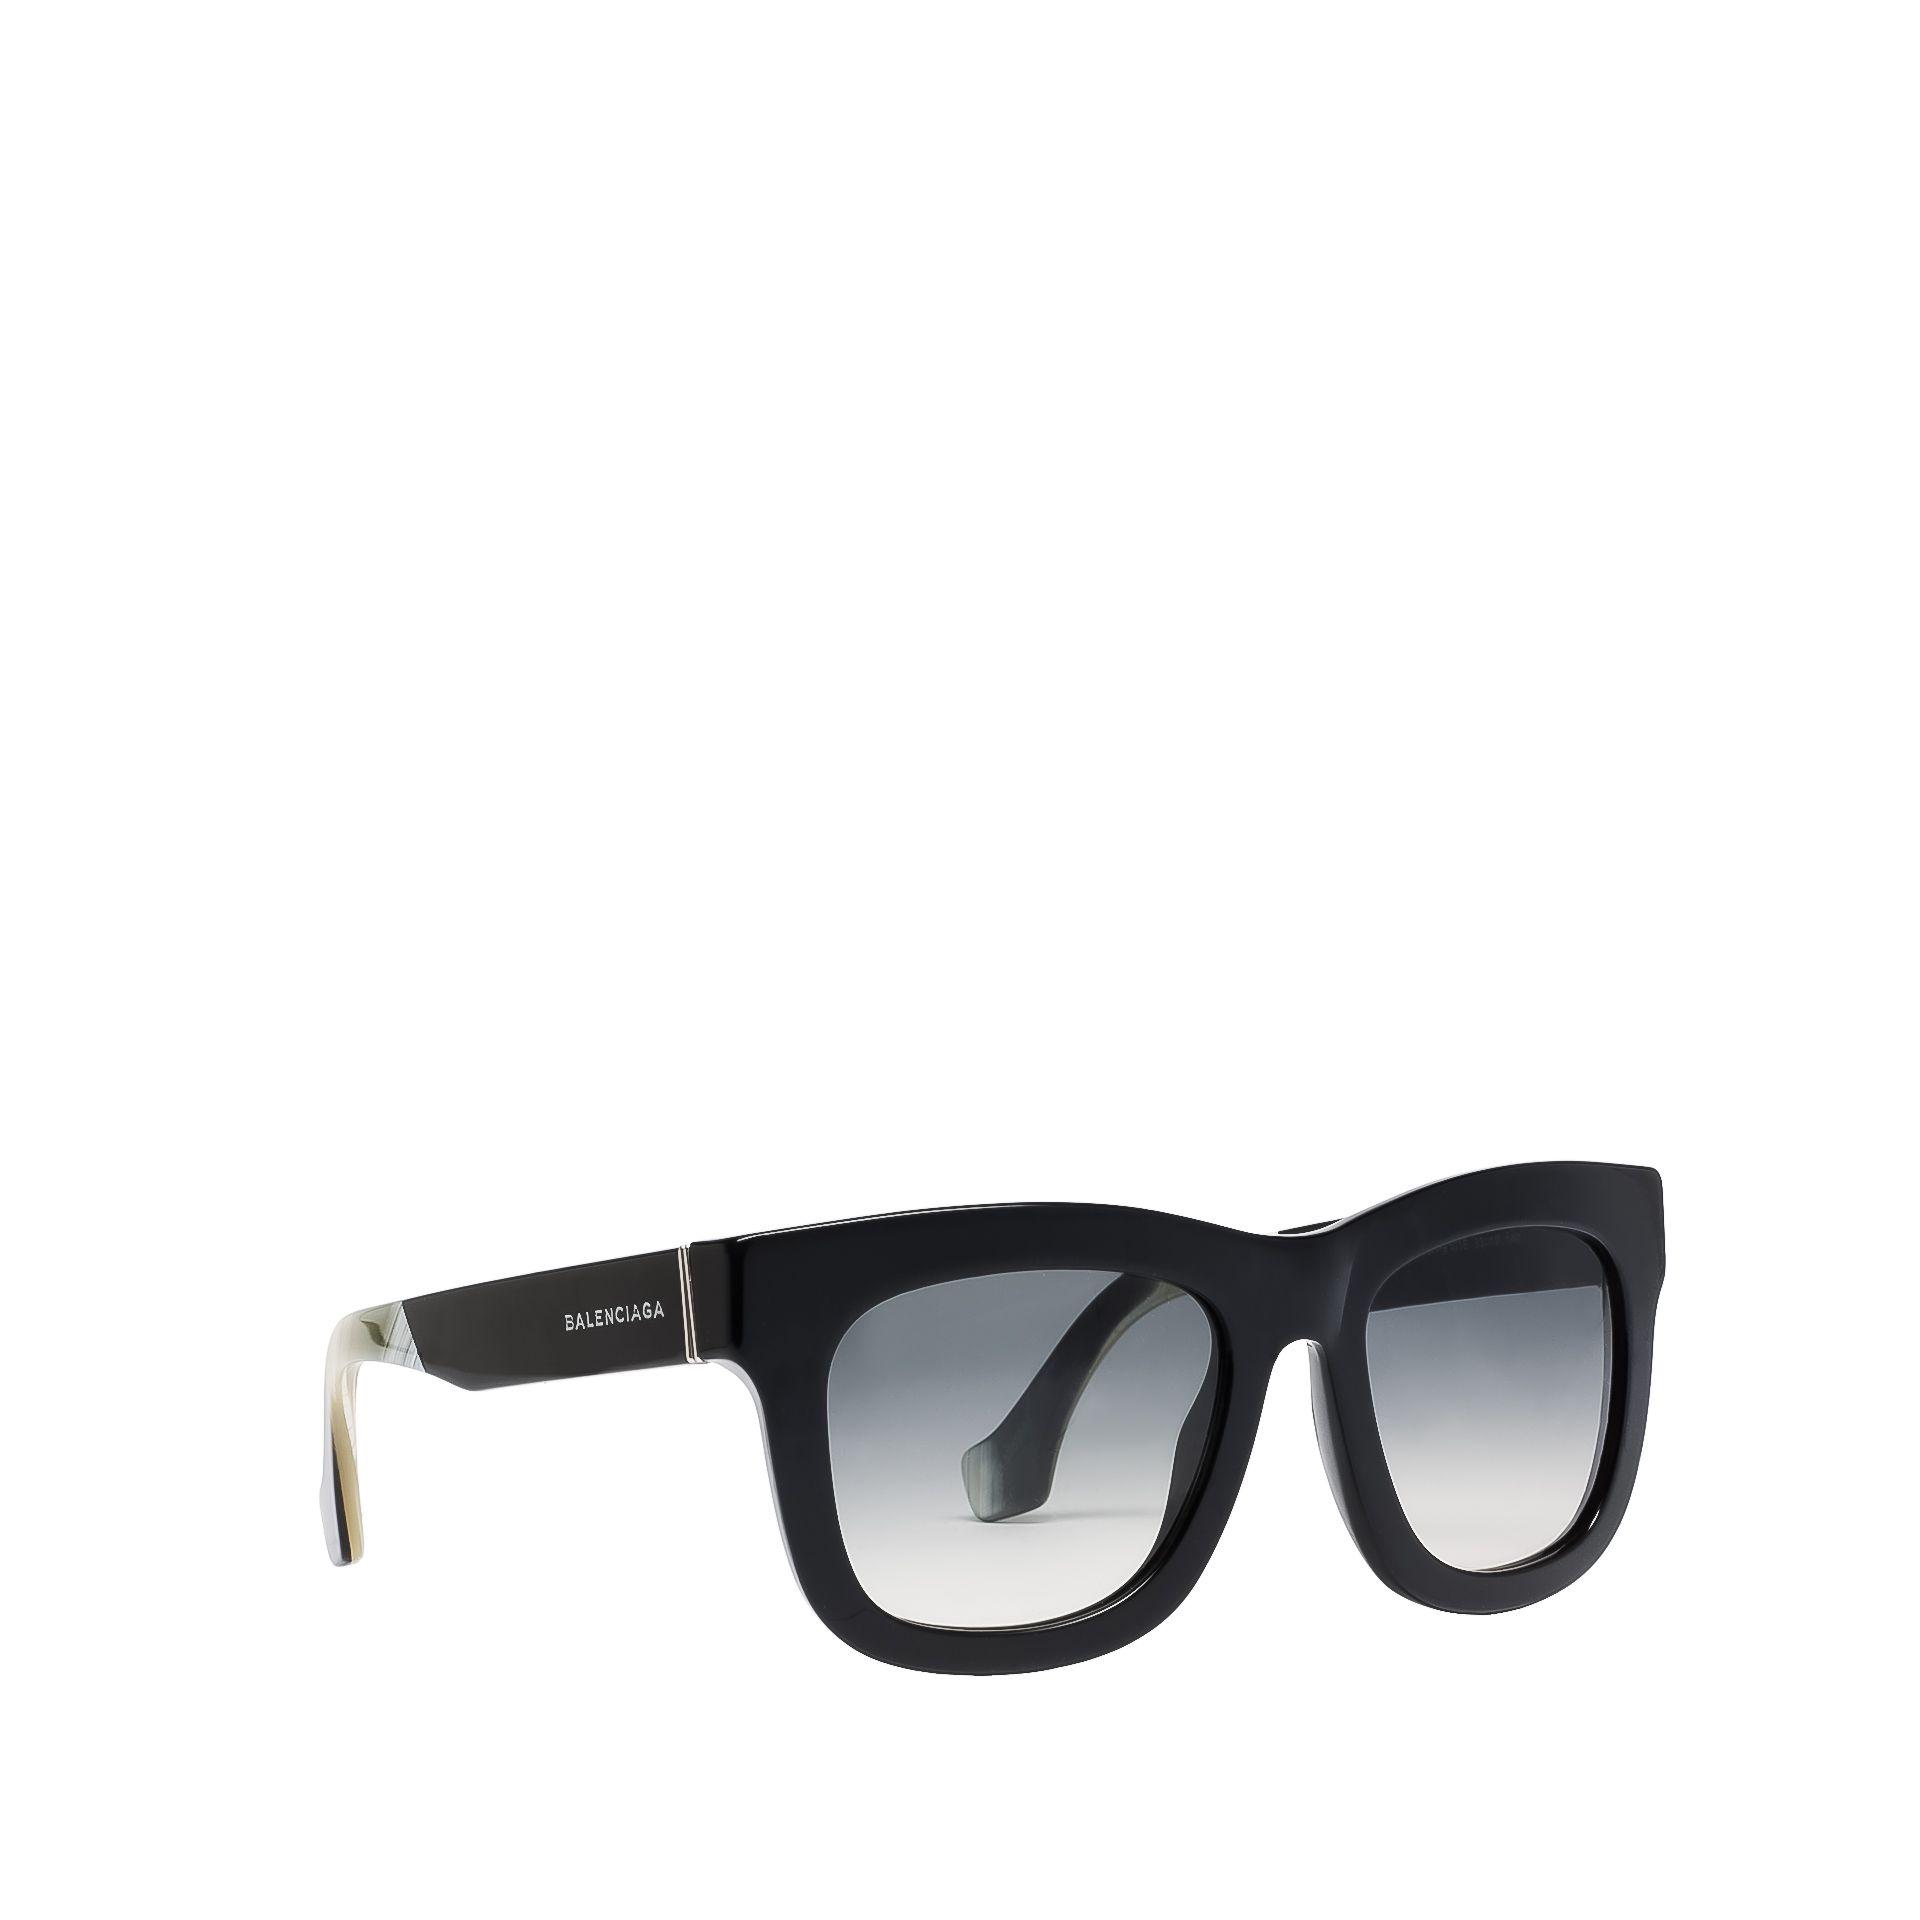 BALENCIAGA Balenciaga Gafas de sol  Gafas de sol D f